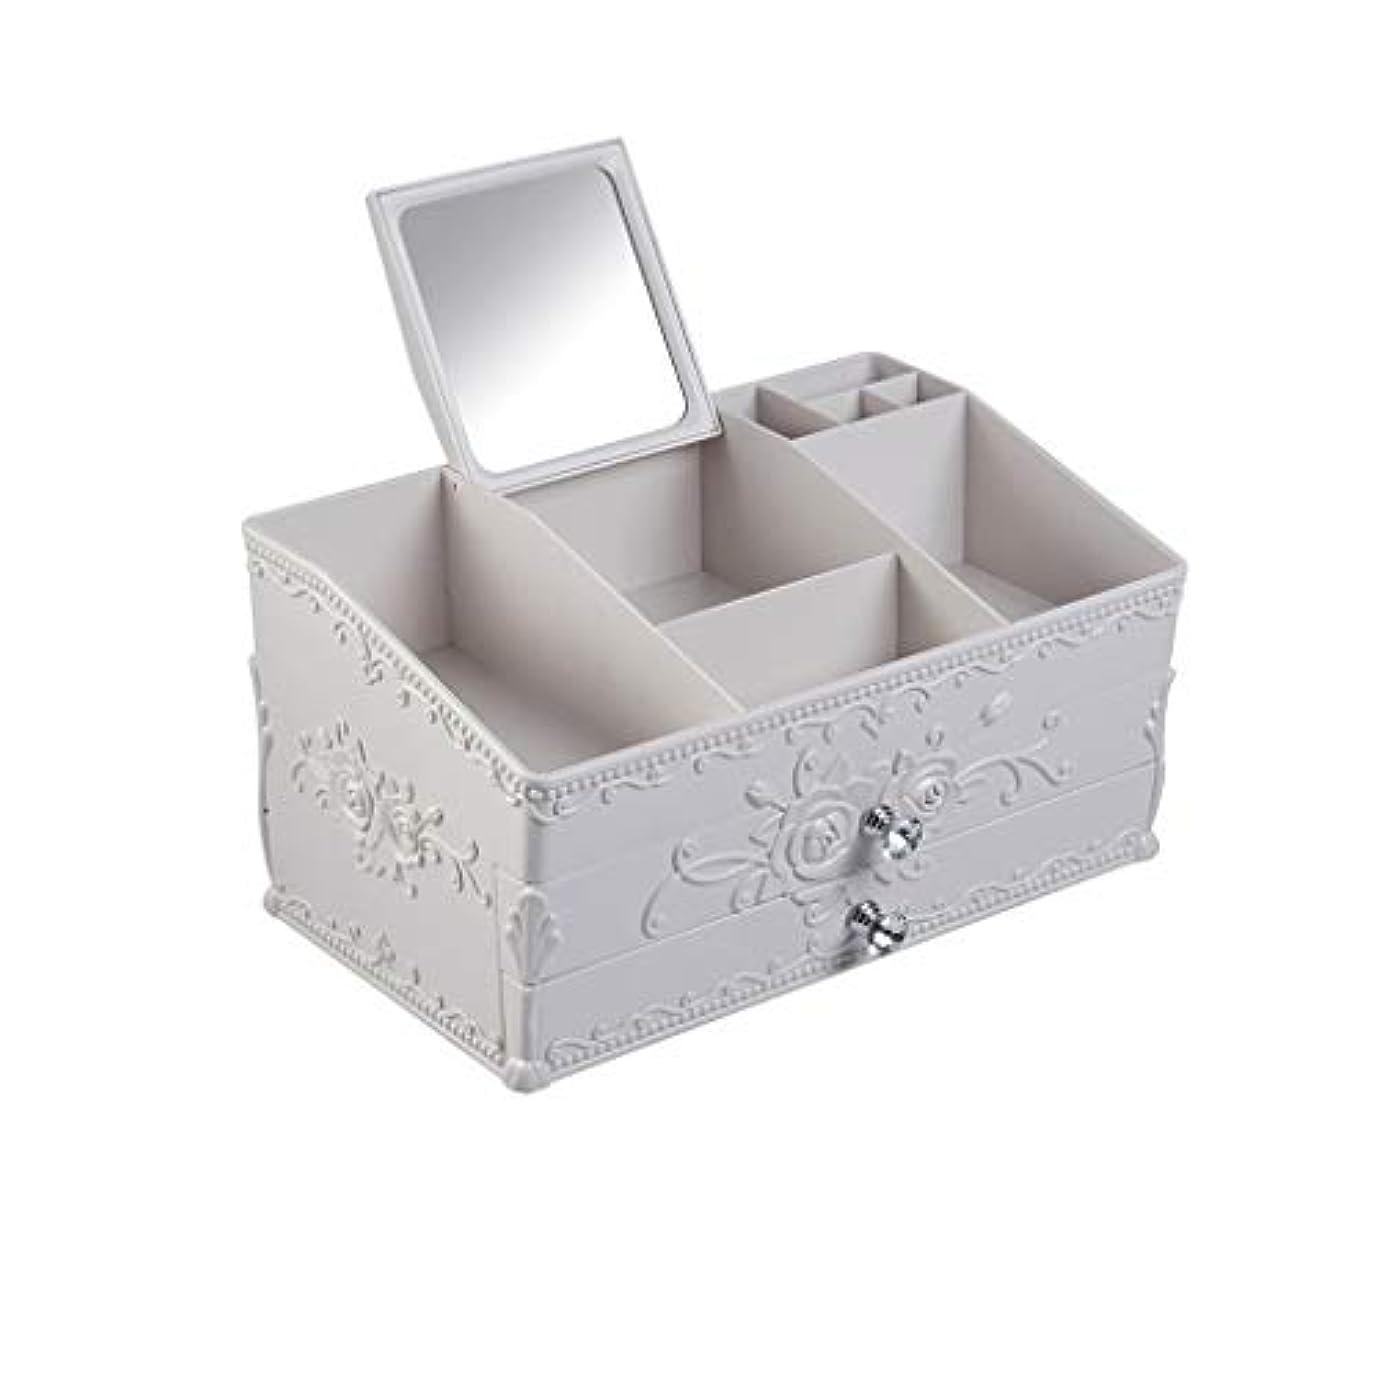 ガム聖域そばにドレッシングテーブルデスクトップスキンケア収納ボックス寮プラスチックラック (Color : B)